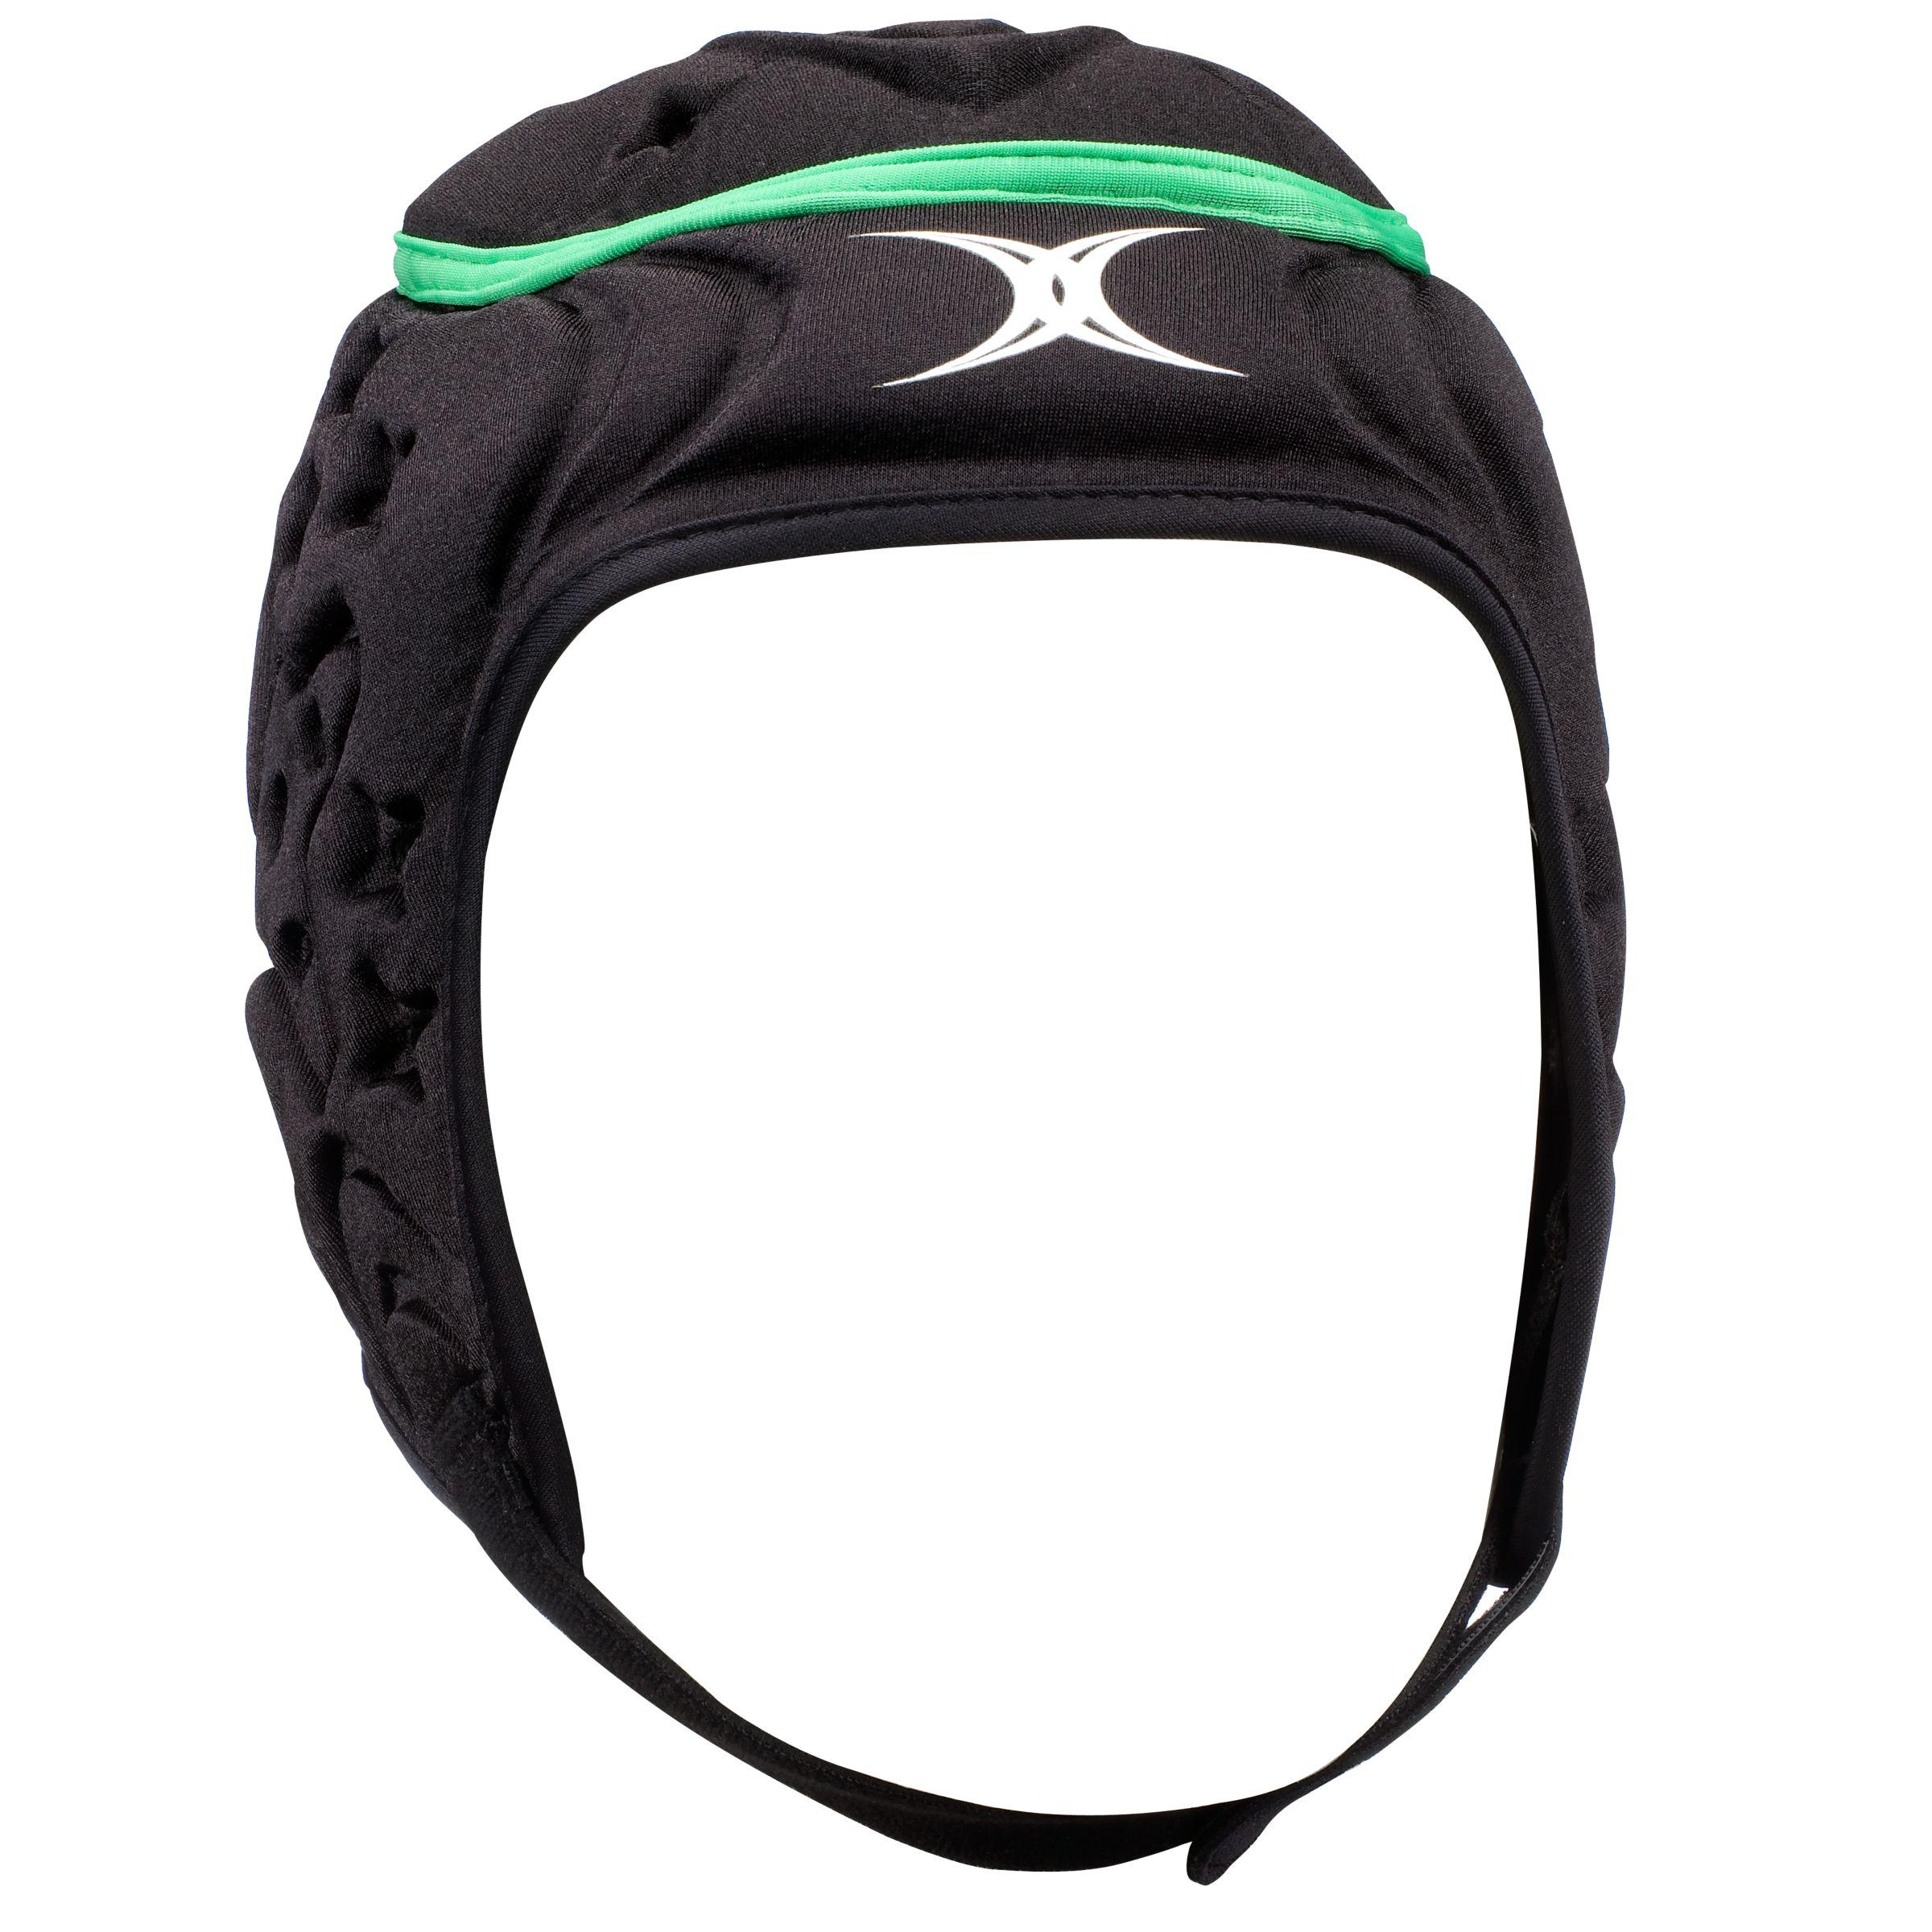 Gilbert VX Cell Headguard